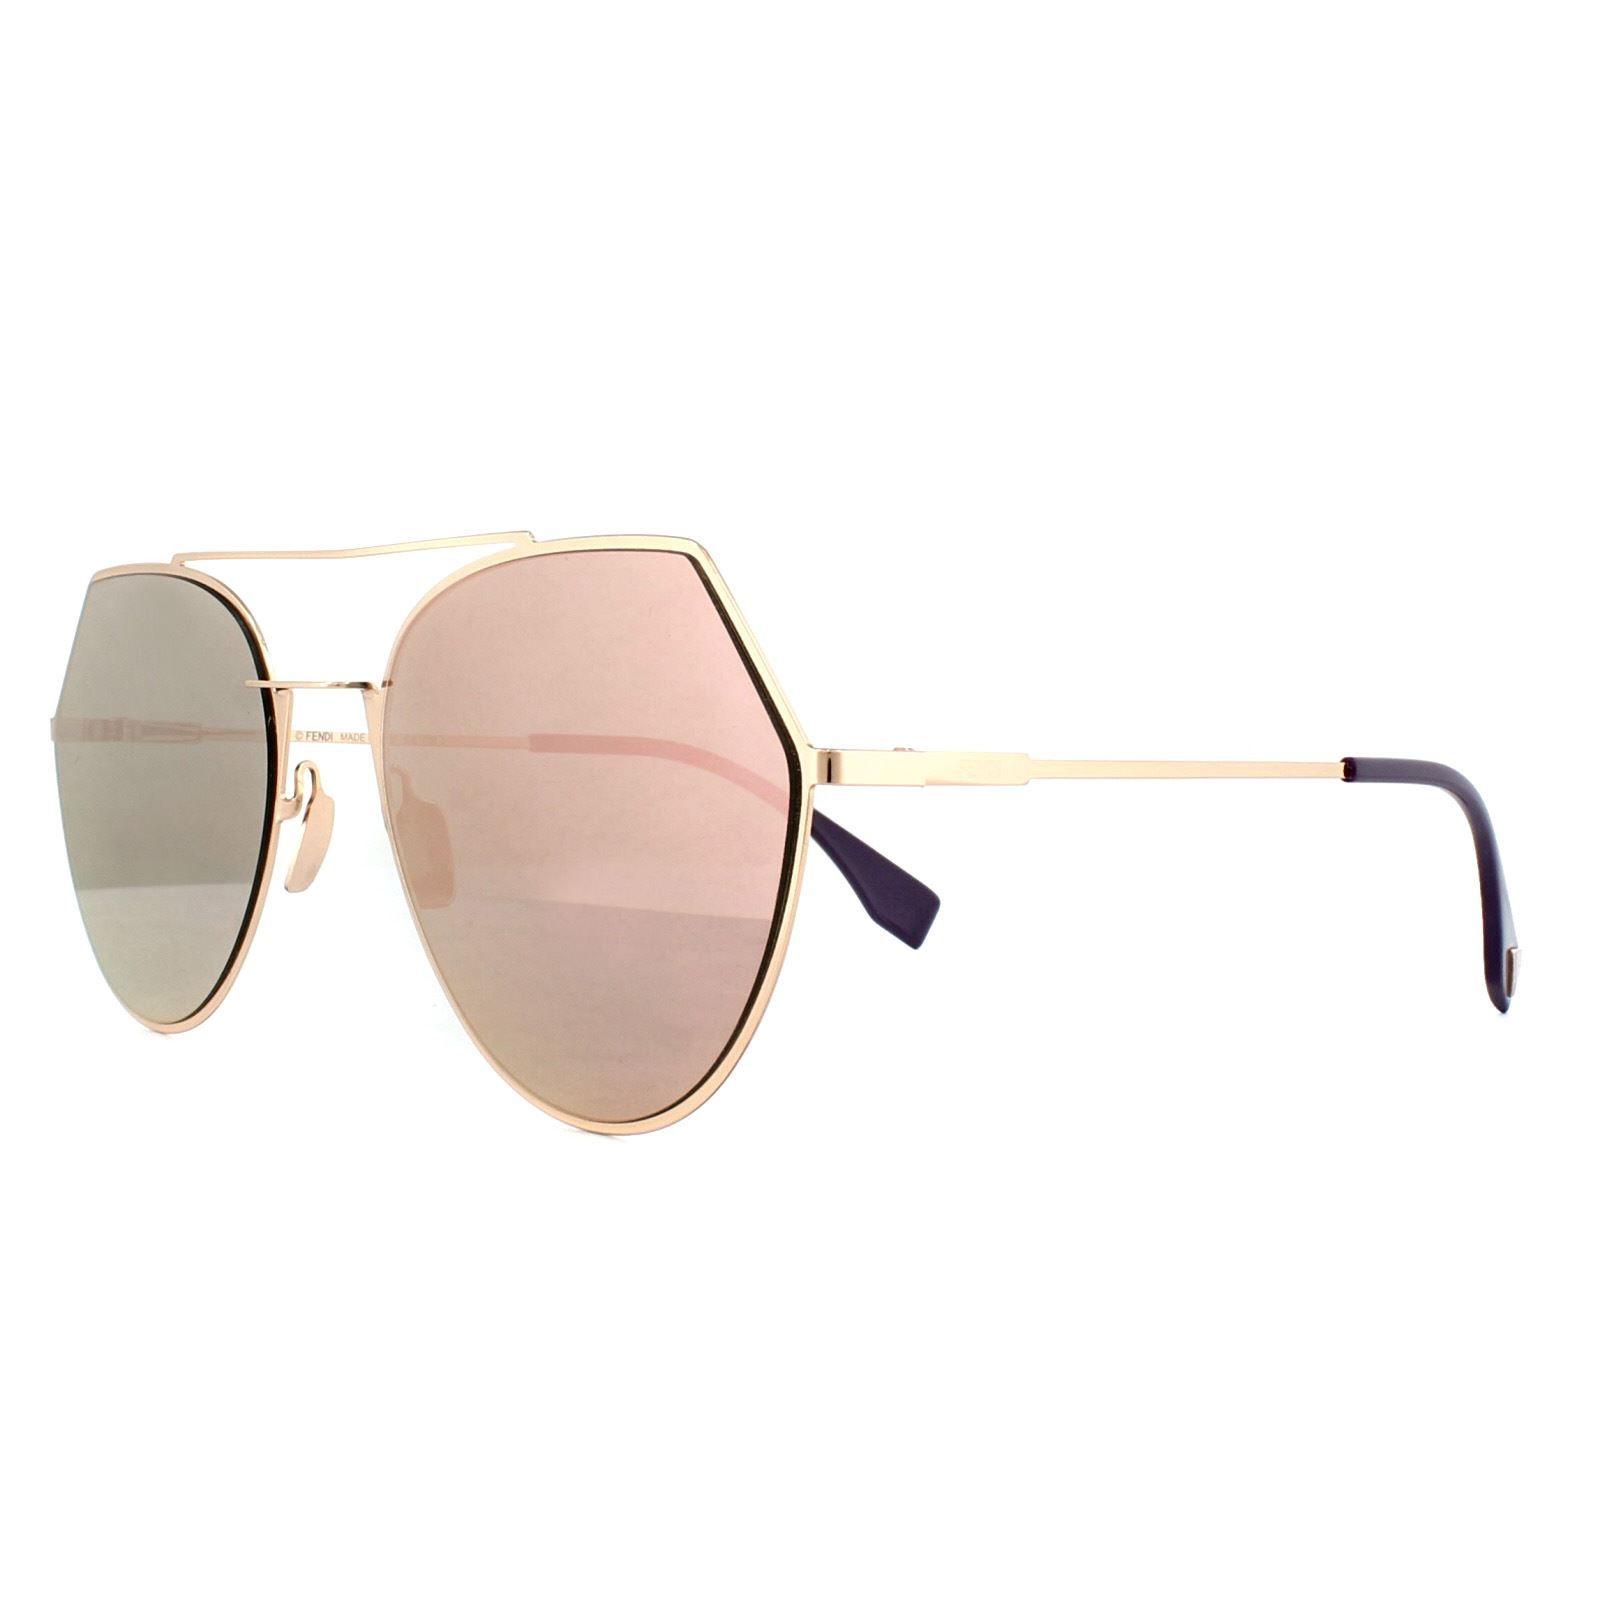 Fendi Sunglasses Eyeline FF 0194/S DDB AP Gold Copper Silver